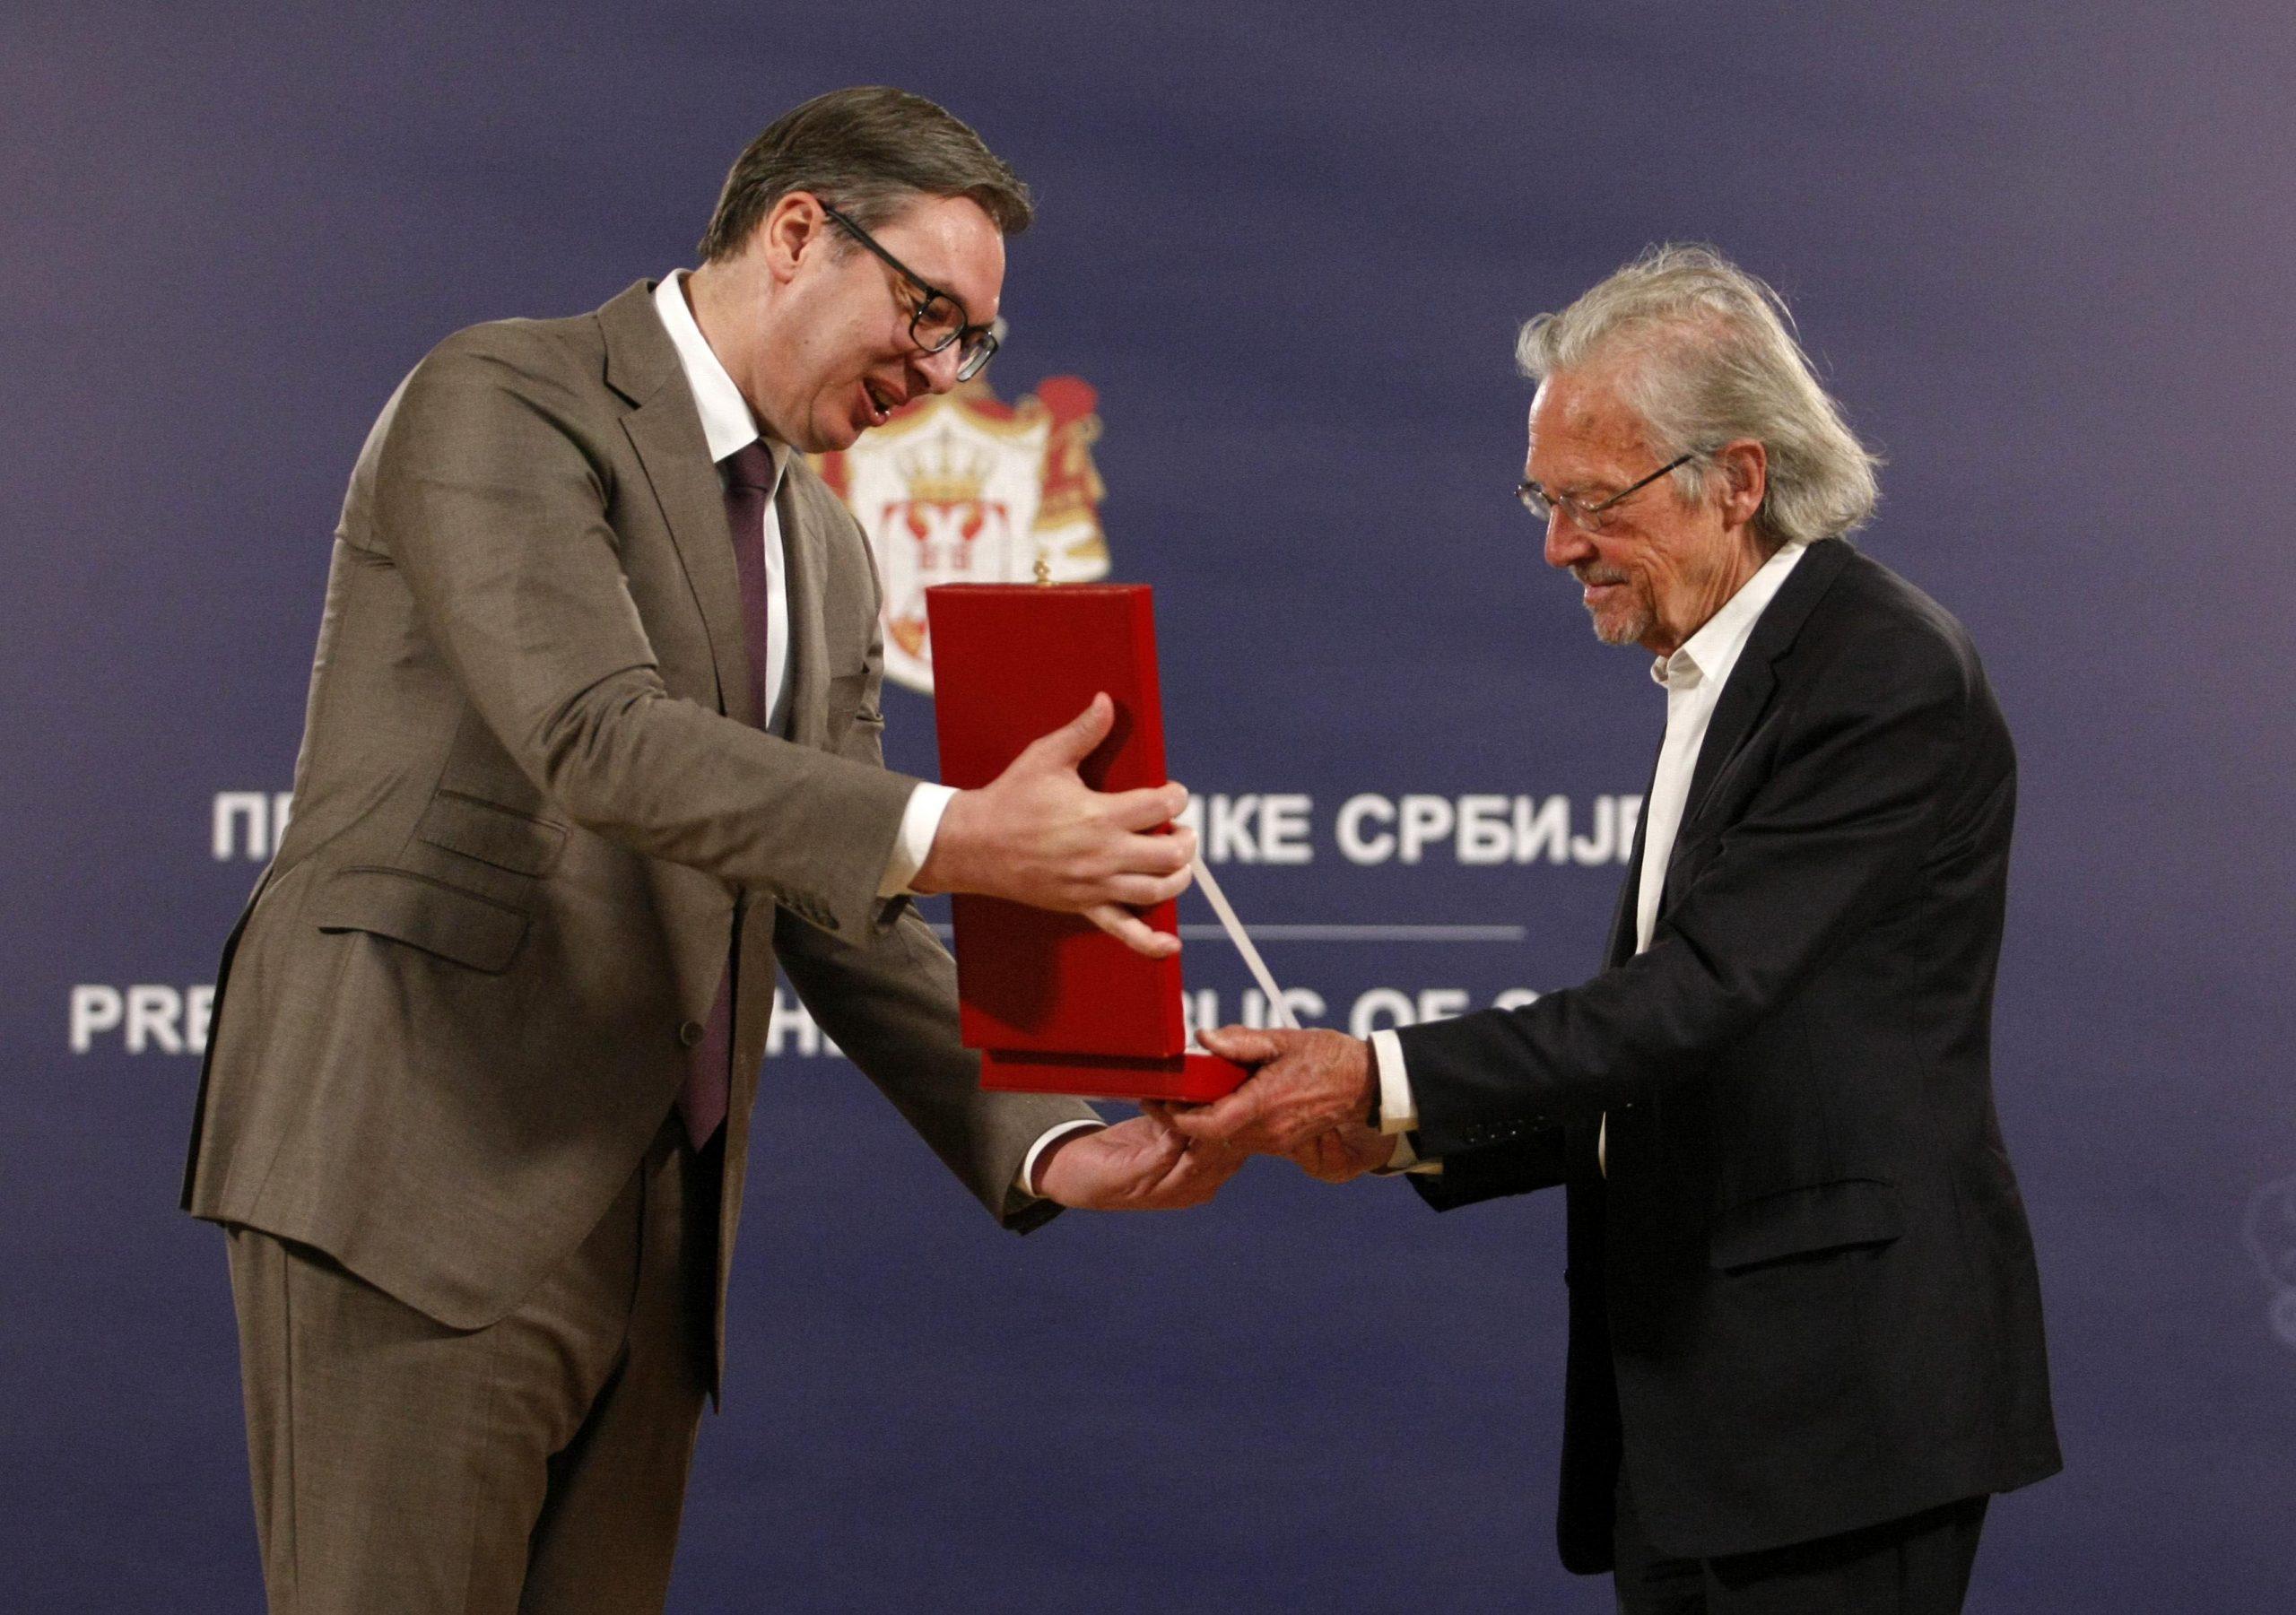 Kakvu je poruku Vučić poslao odlikujući Handkea? 1